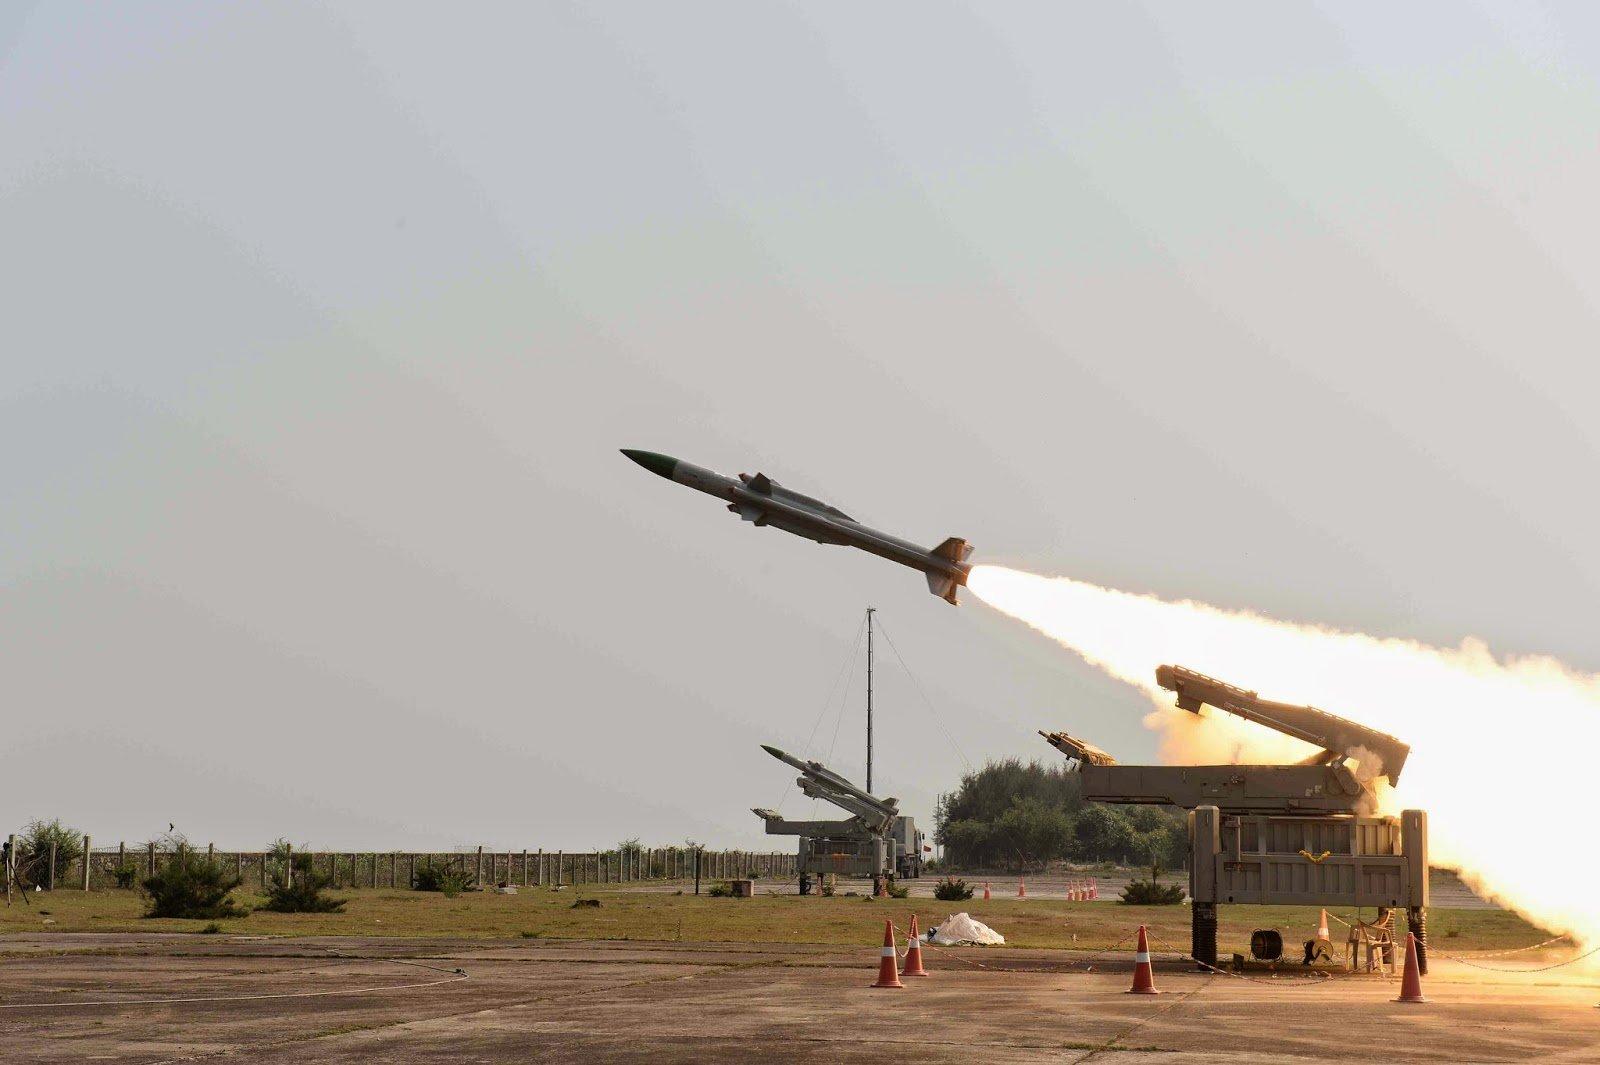 سلسلة انفجارات تهز مطار حماة العسكري وسط سوريا